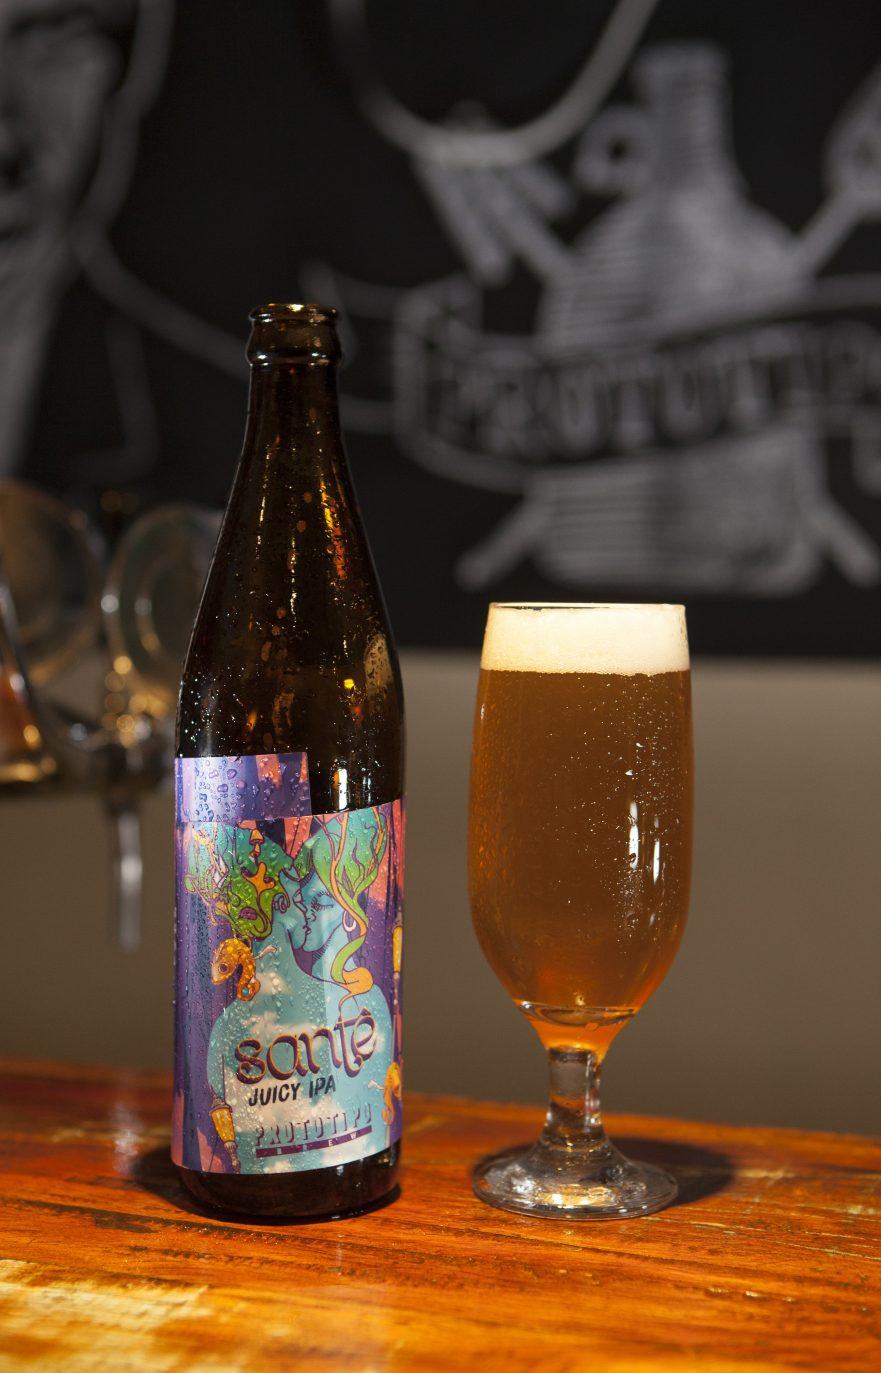 sante-juicy-ipa-da-cervejaria-prototipo-brew-credito-denilton-dias